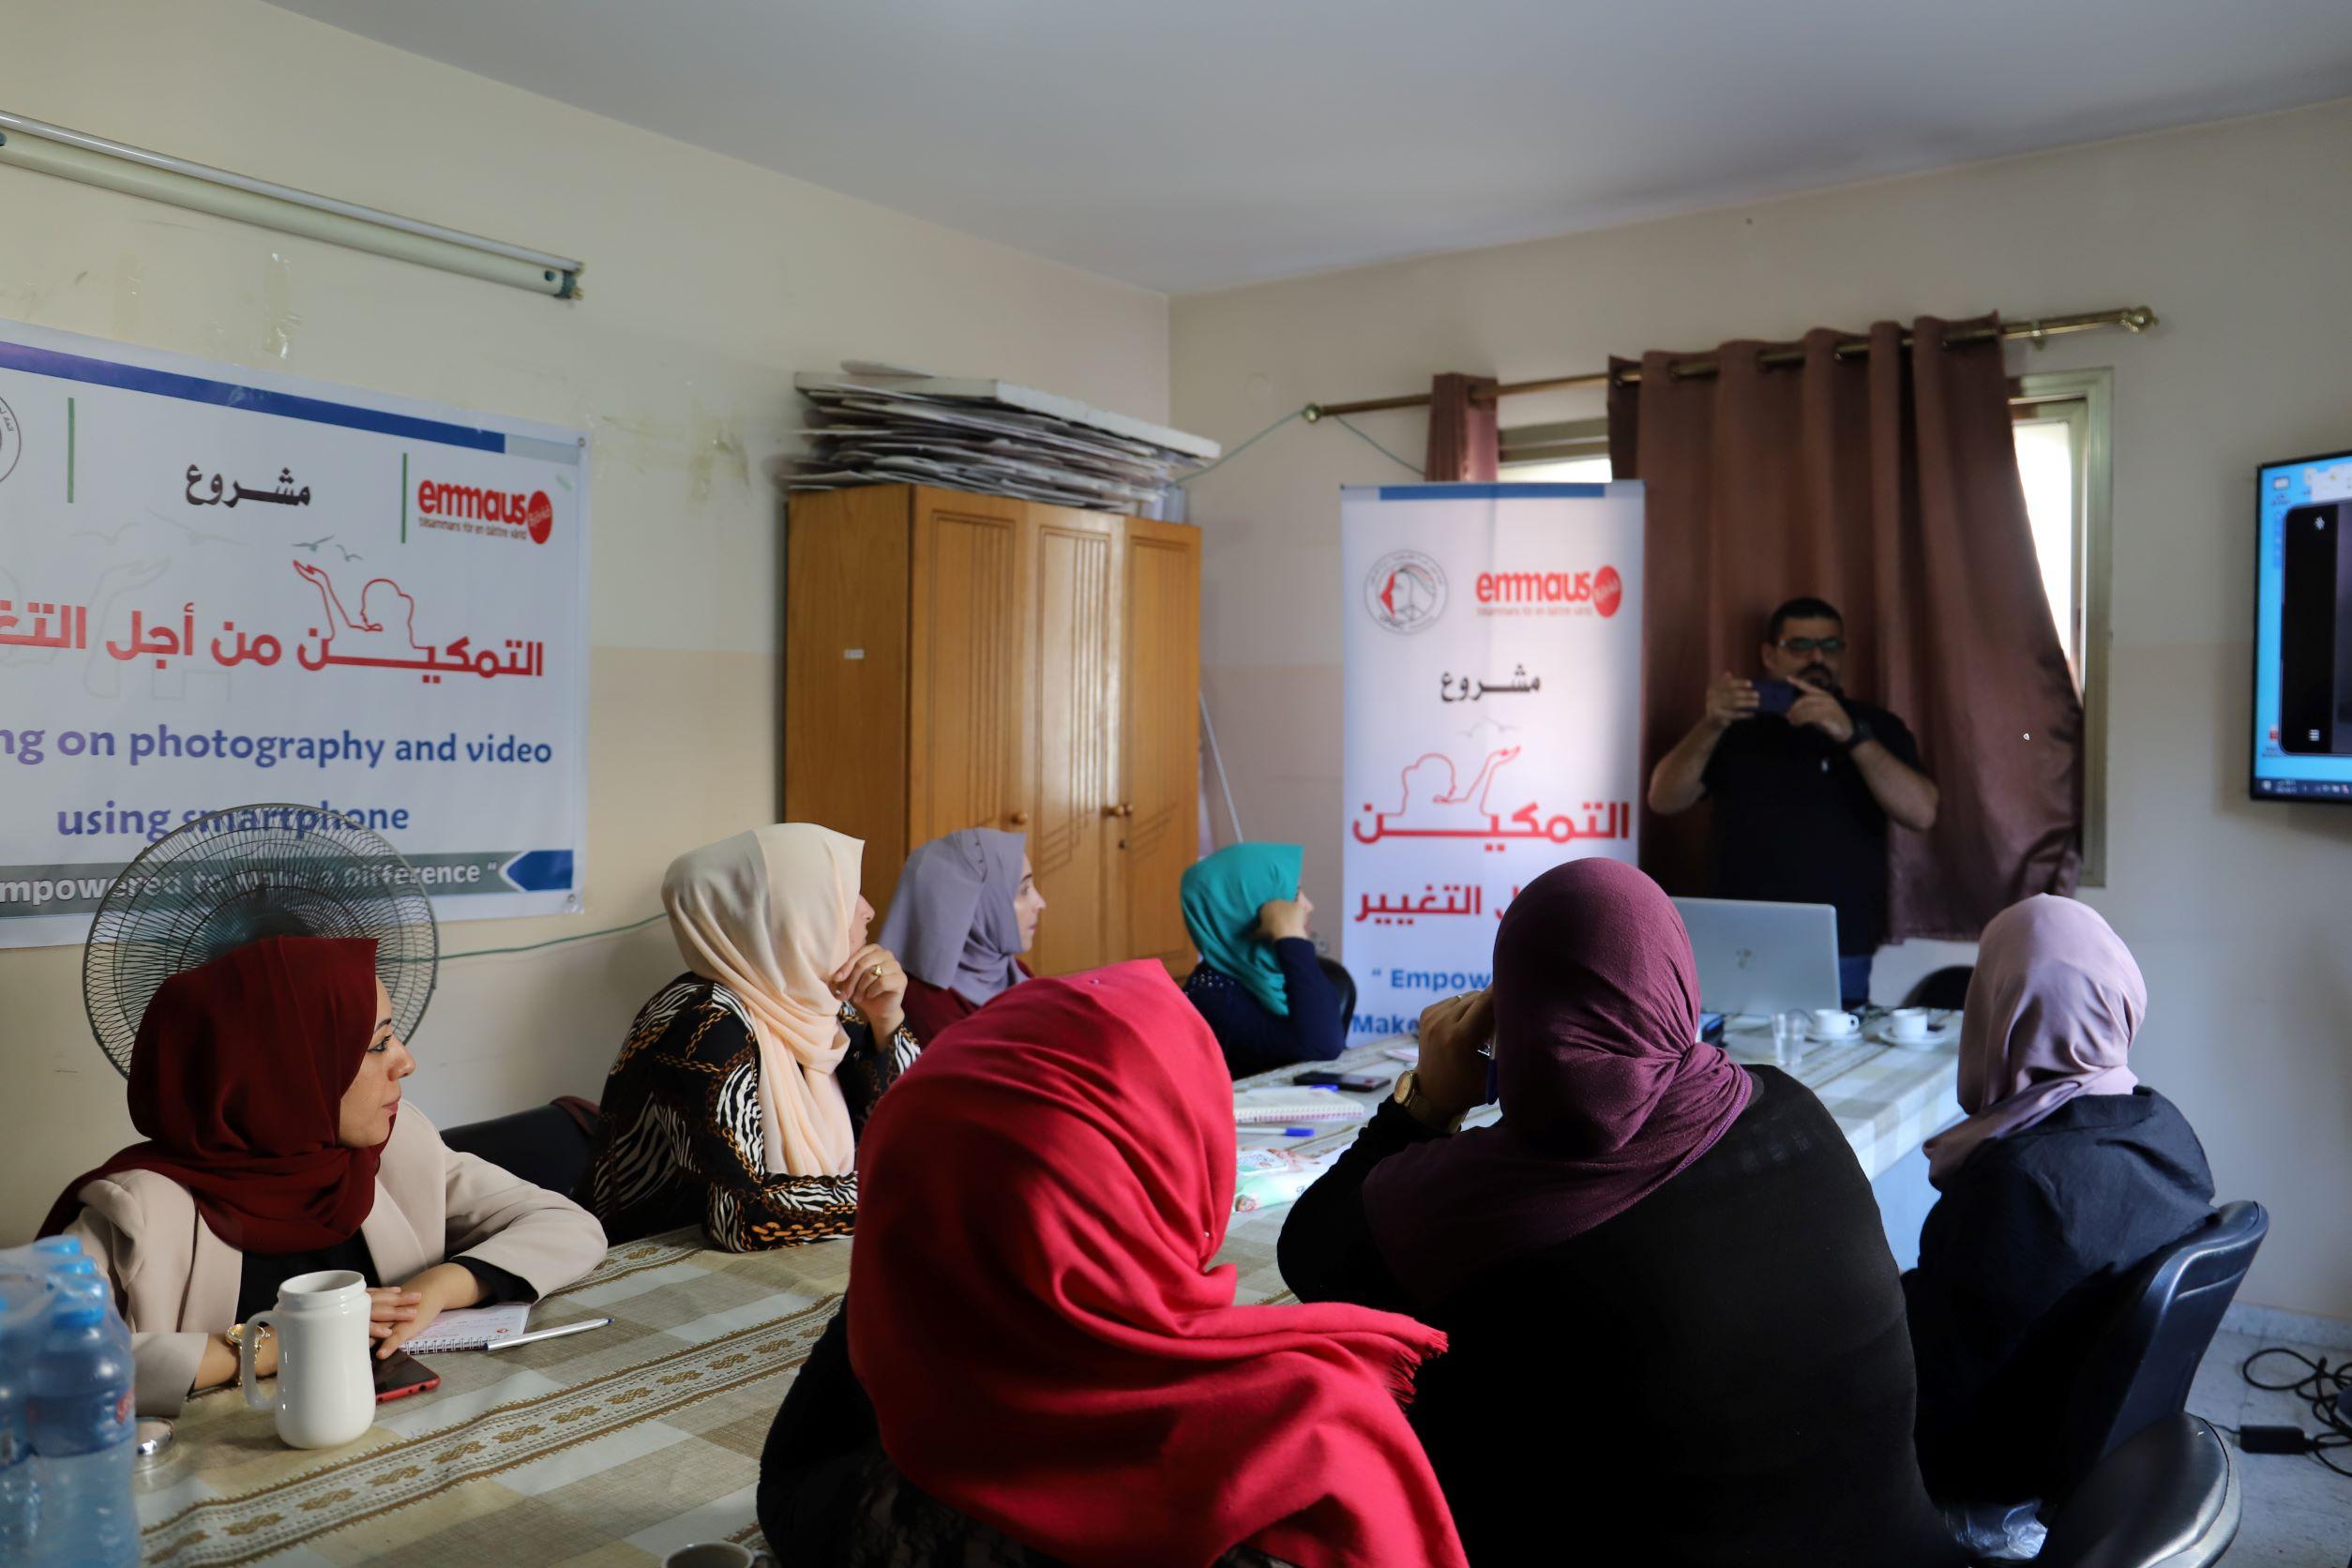 اتحاد لجان المرأة الفلسطينية ينفذ تدريبا حول كيفية التصوير الفوتوغرافي والفيديو باستخدام الهاتف الذكي.